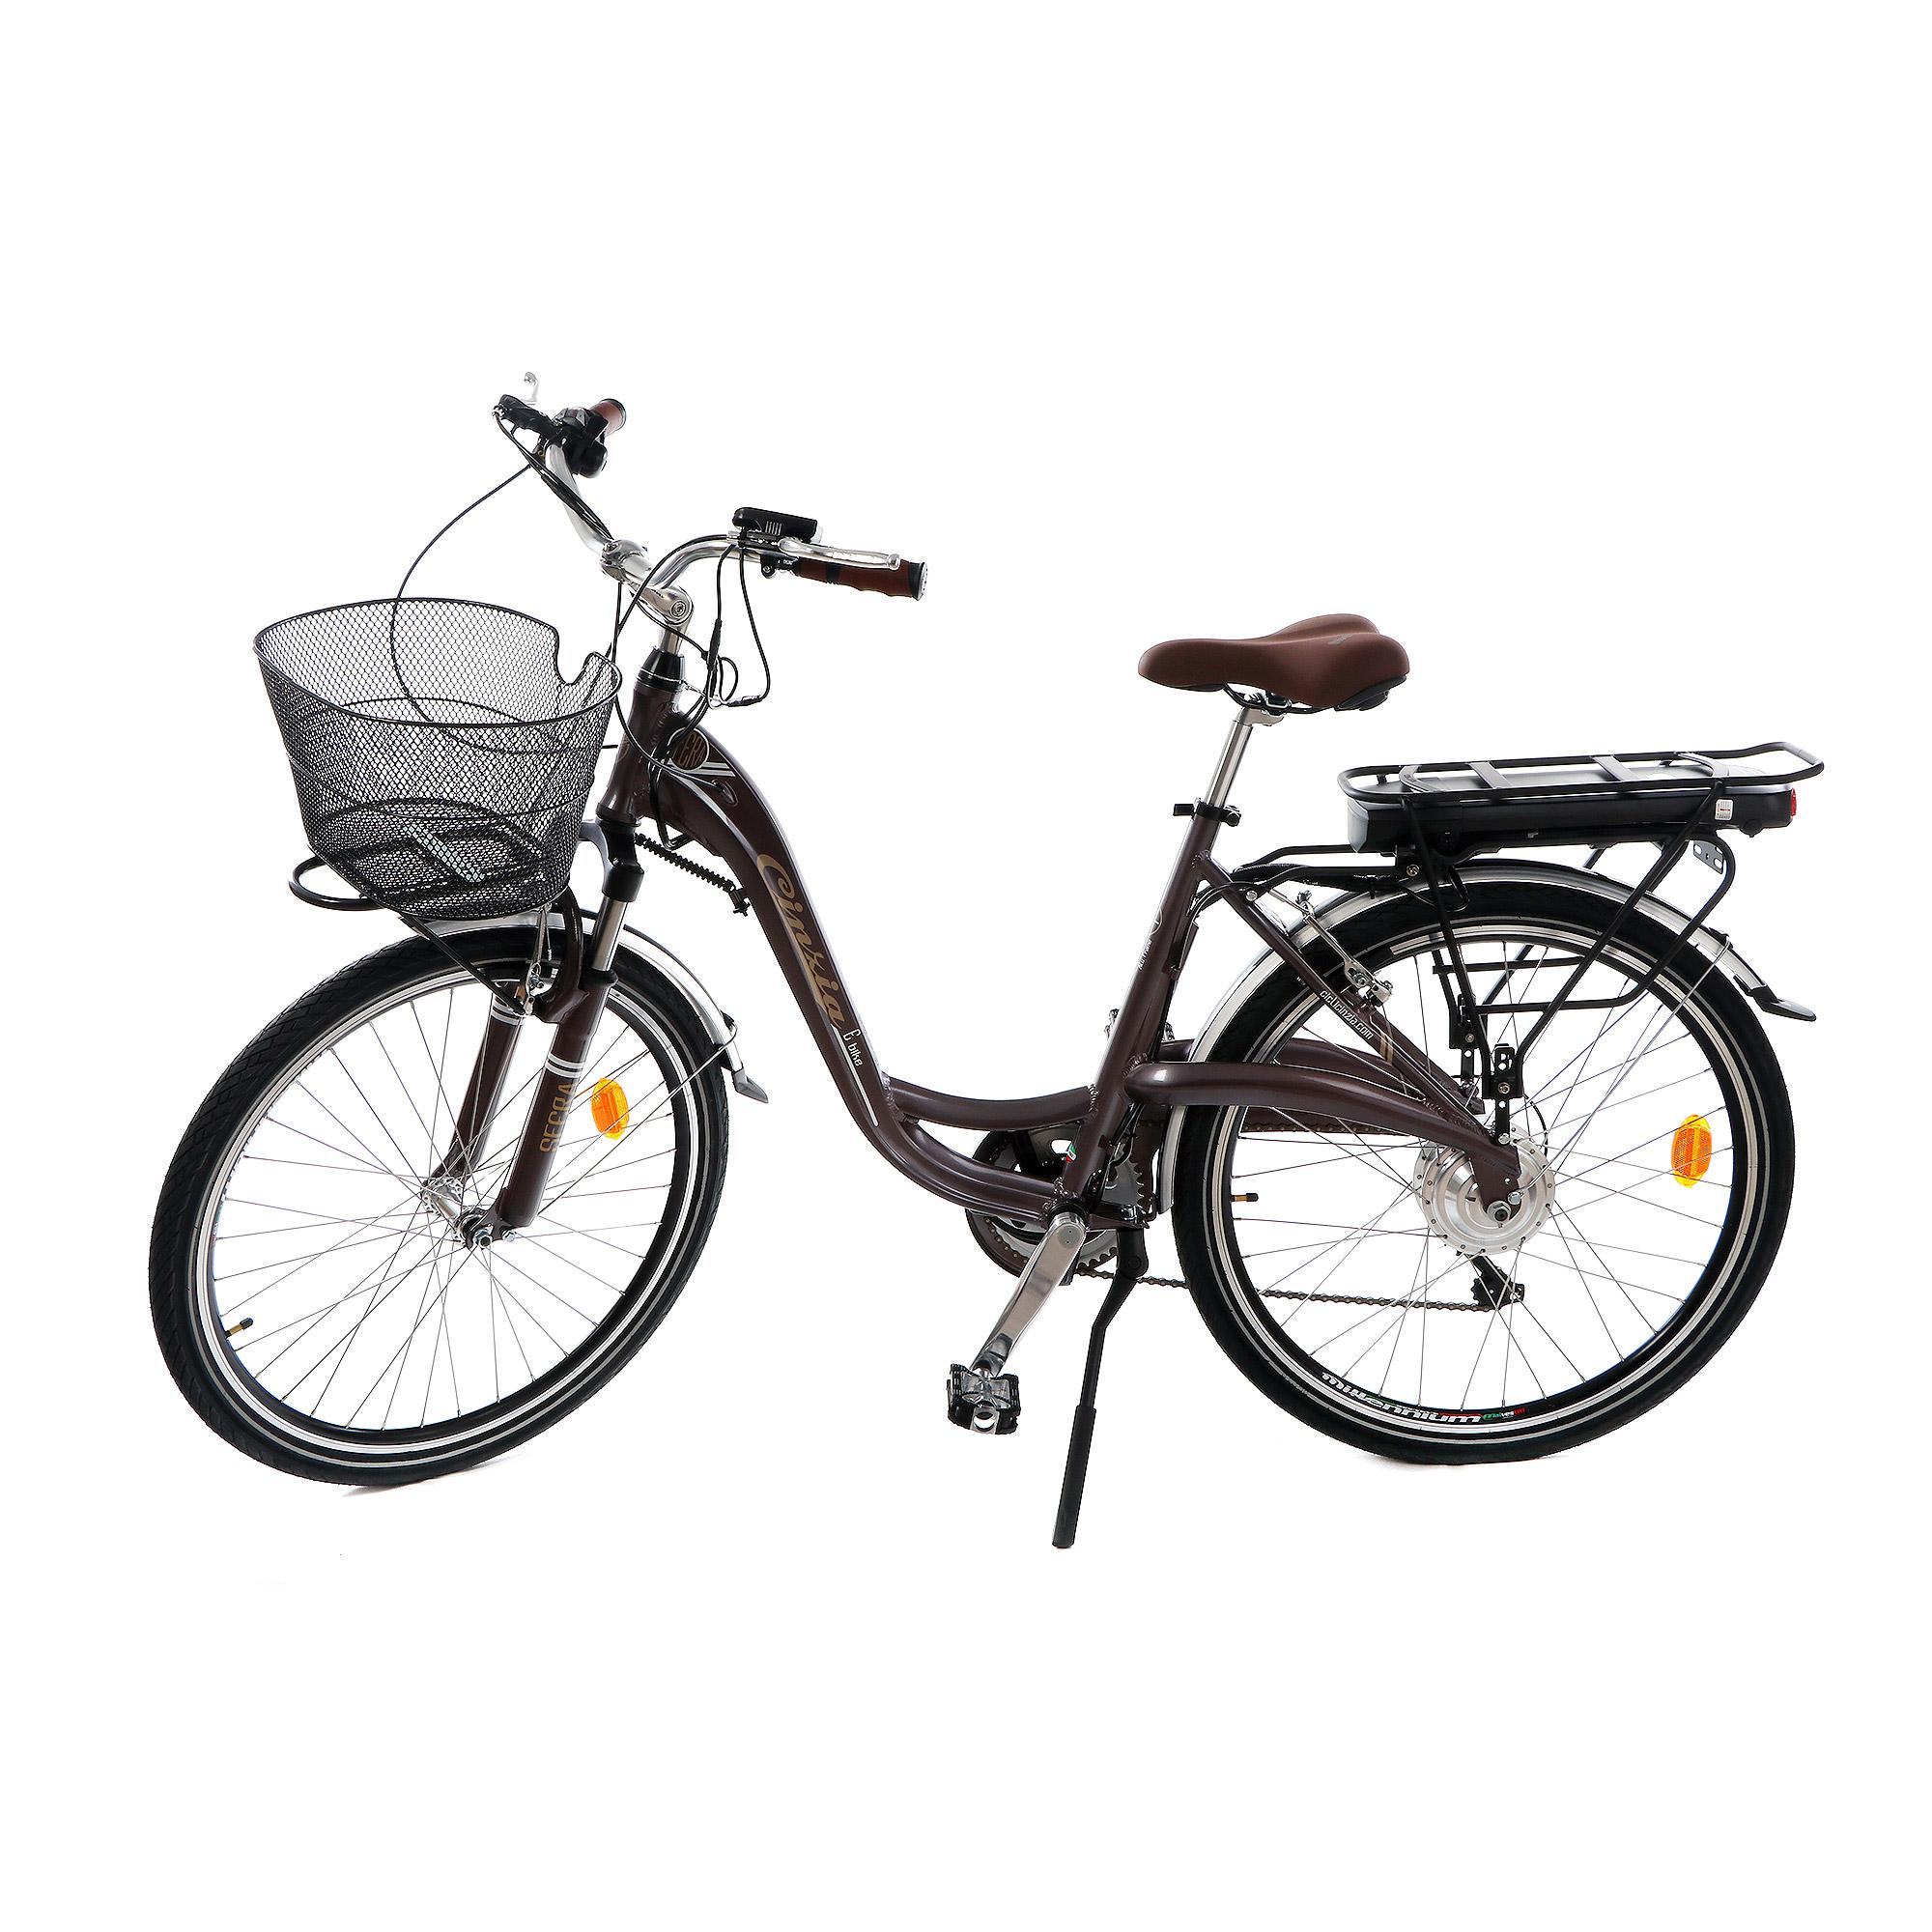 Купить Электровелосипед Cicli cinzia sfera lady 26 7 скоростей tobac, Италия